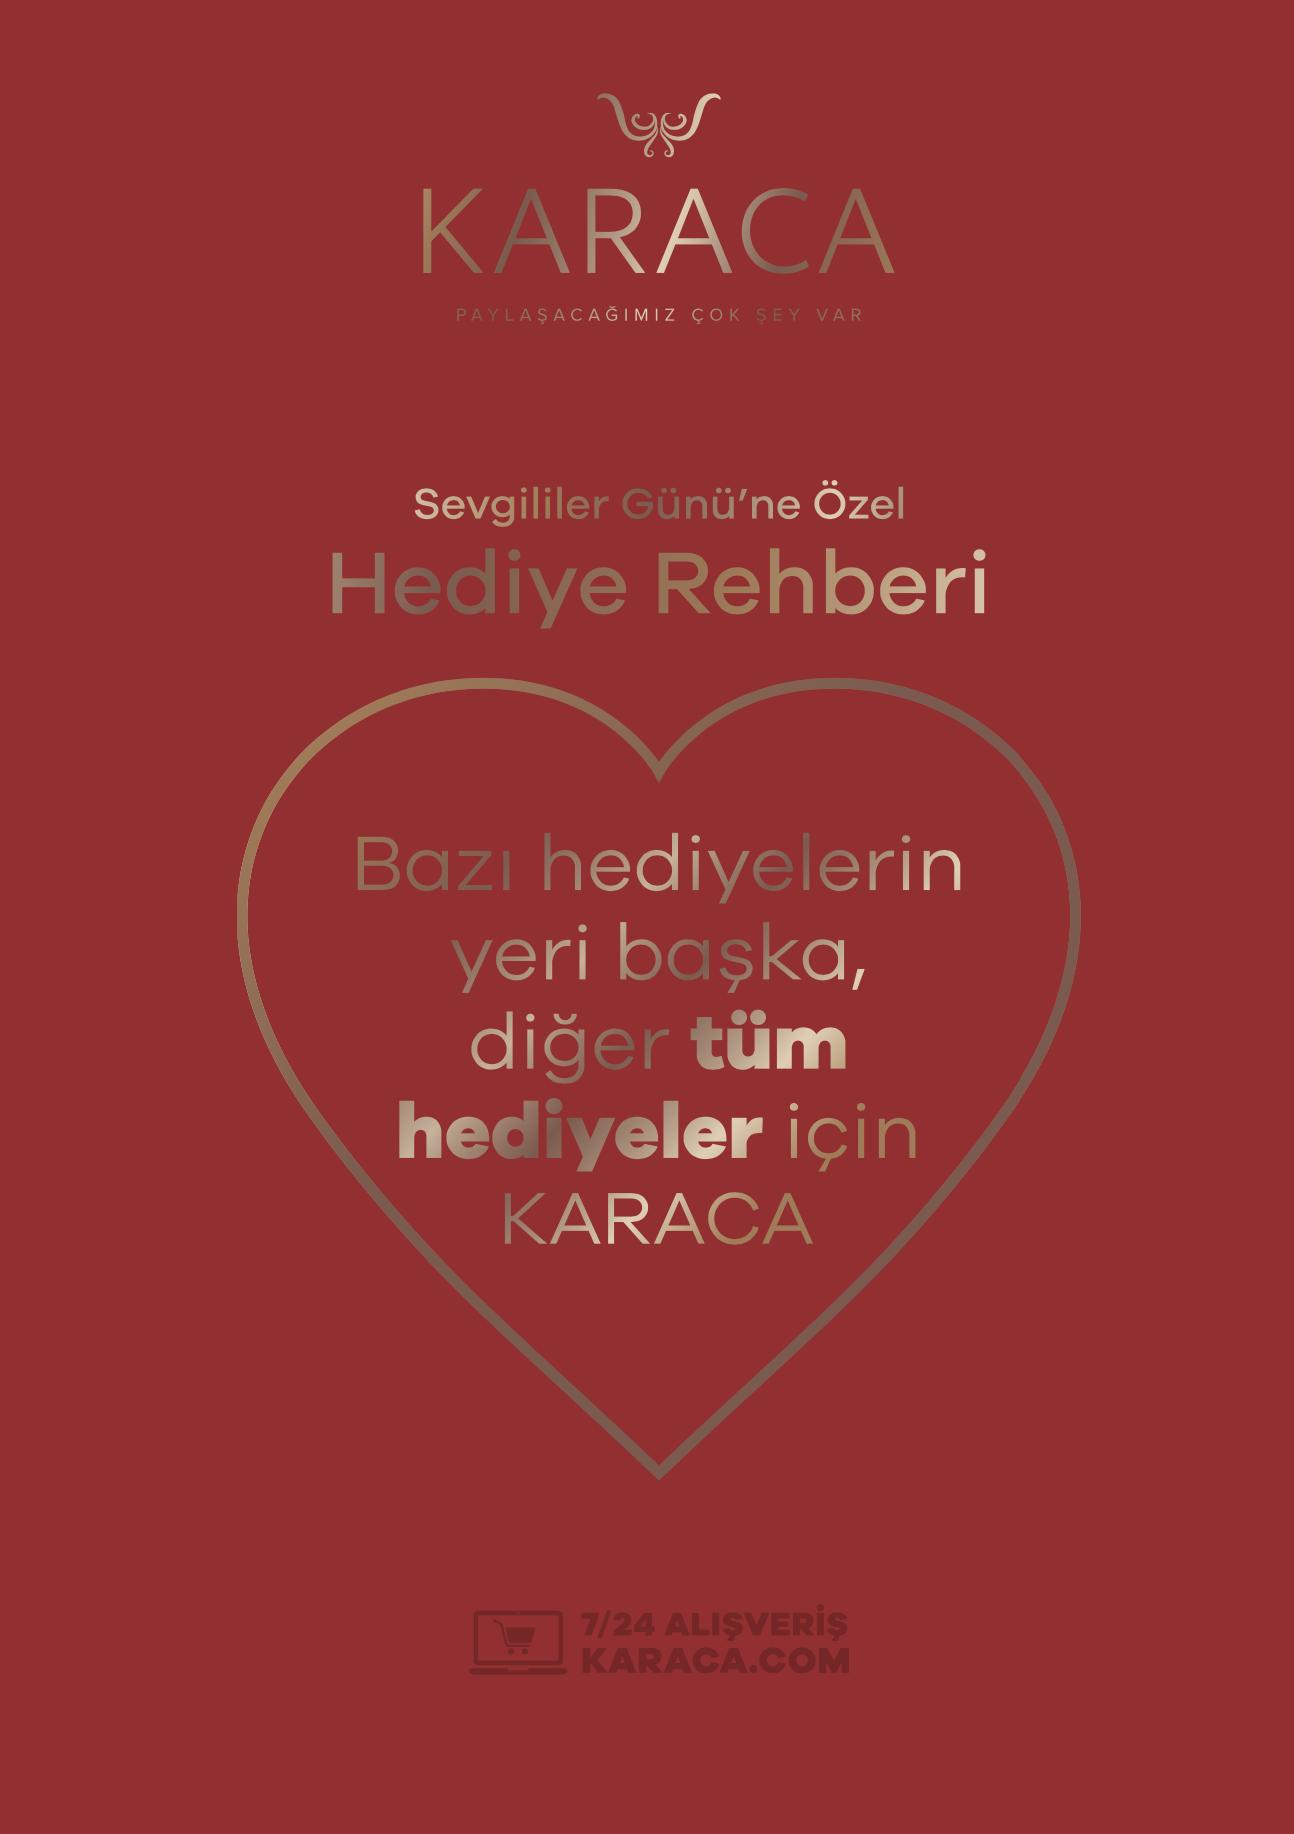 Karaca Sevgililer Günü